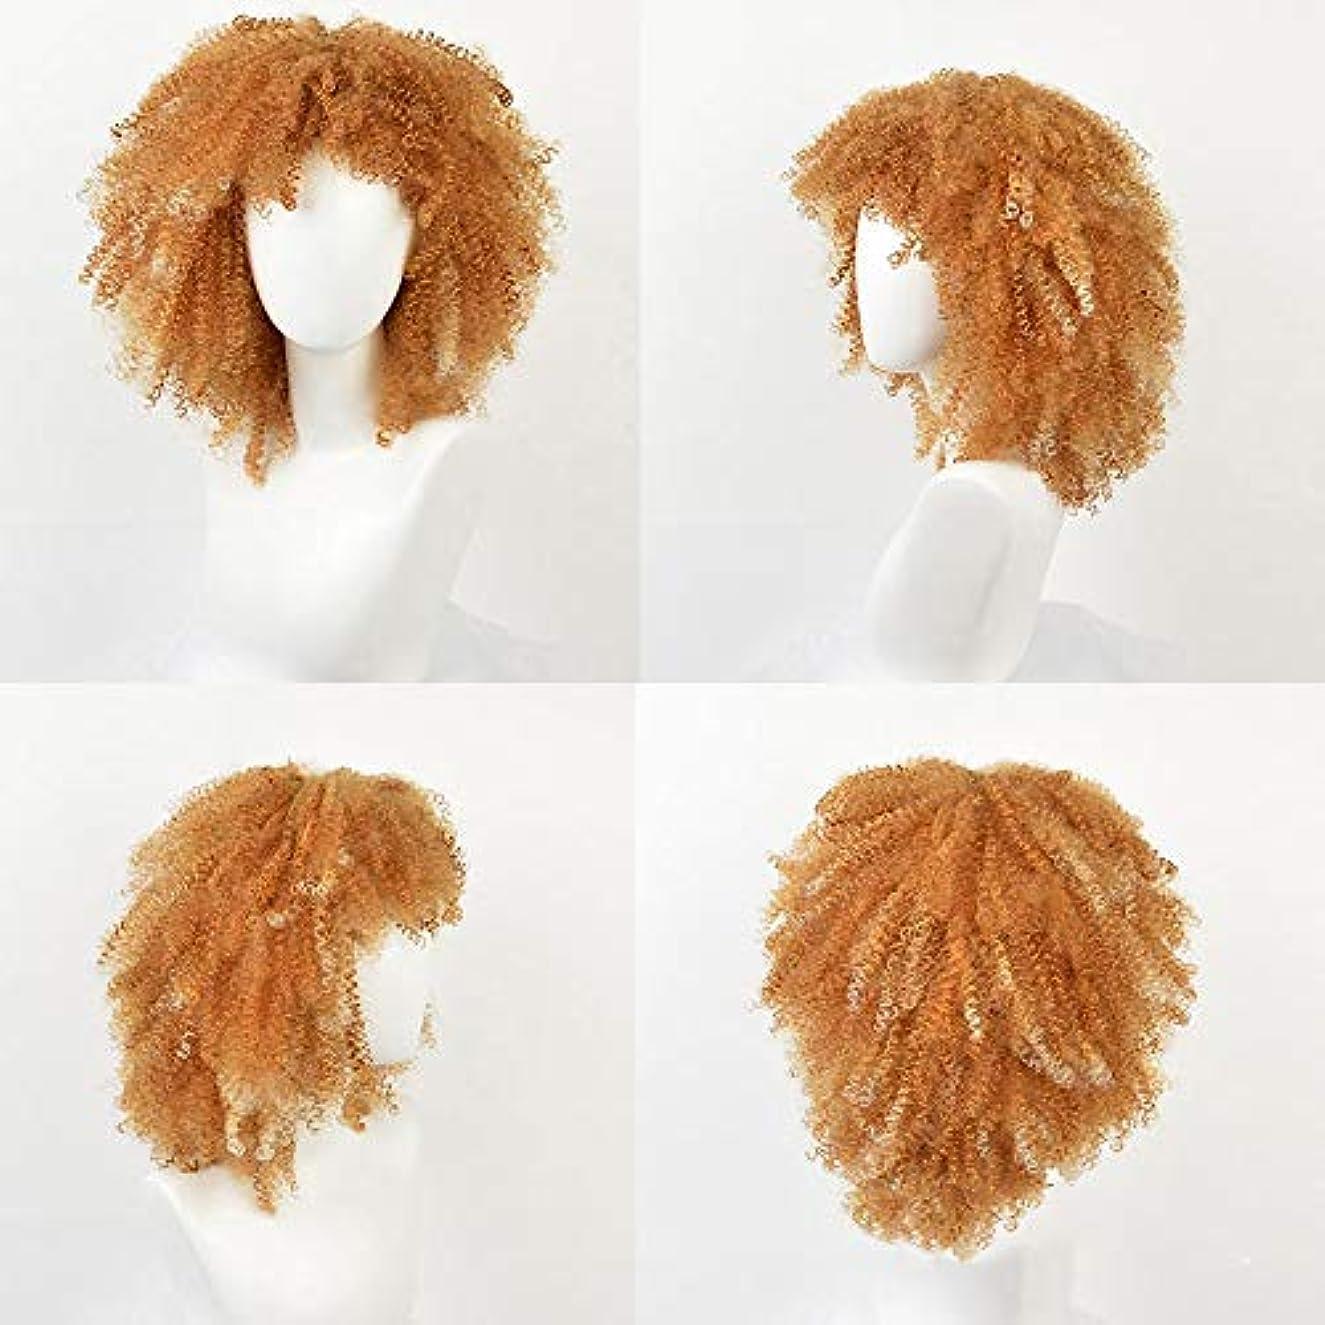 スナック不平を言う浸透するWASAIO スタイル交換用アクセサリー合成繊維縮れ毛カーリーウィッグアフリカ系黒人女性爆発ヘッド14インチ小髪ケミカル (色 : C-3)